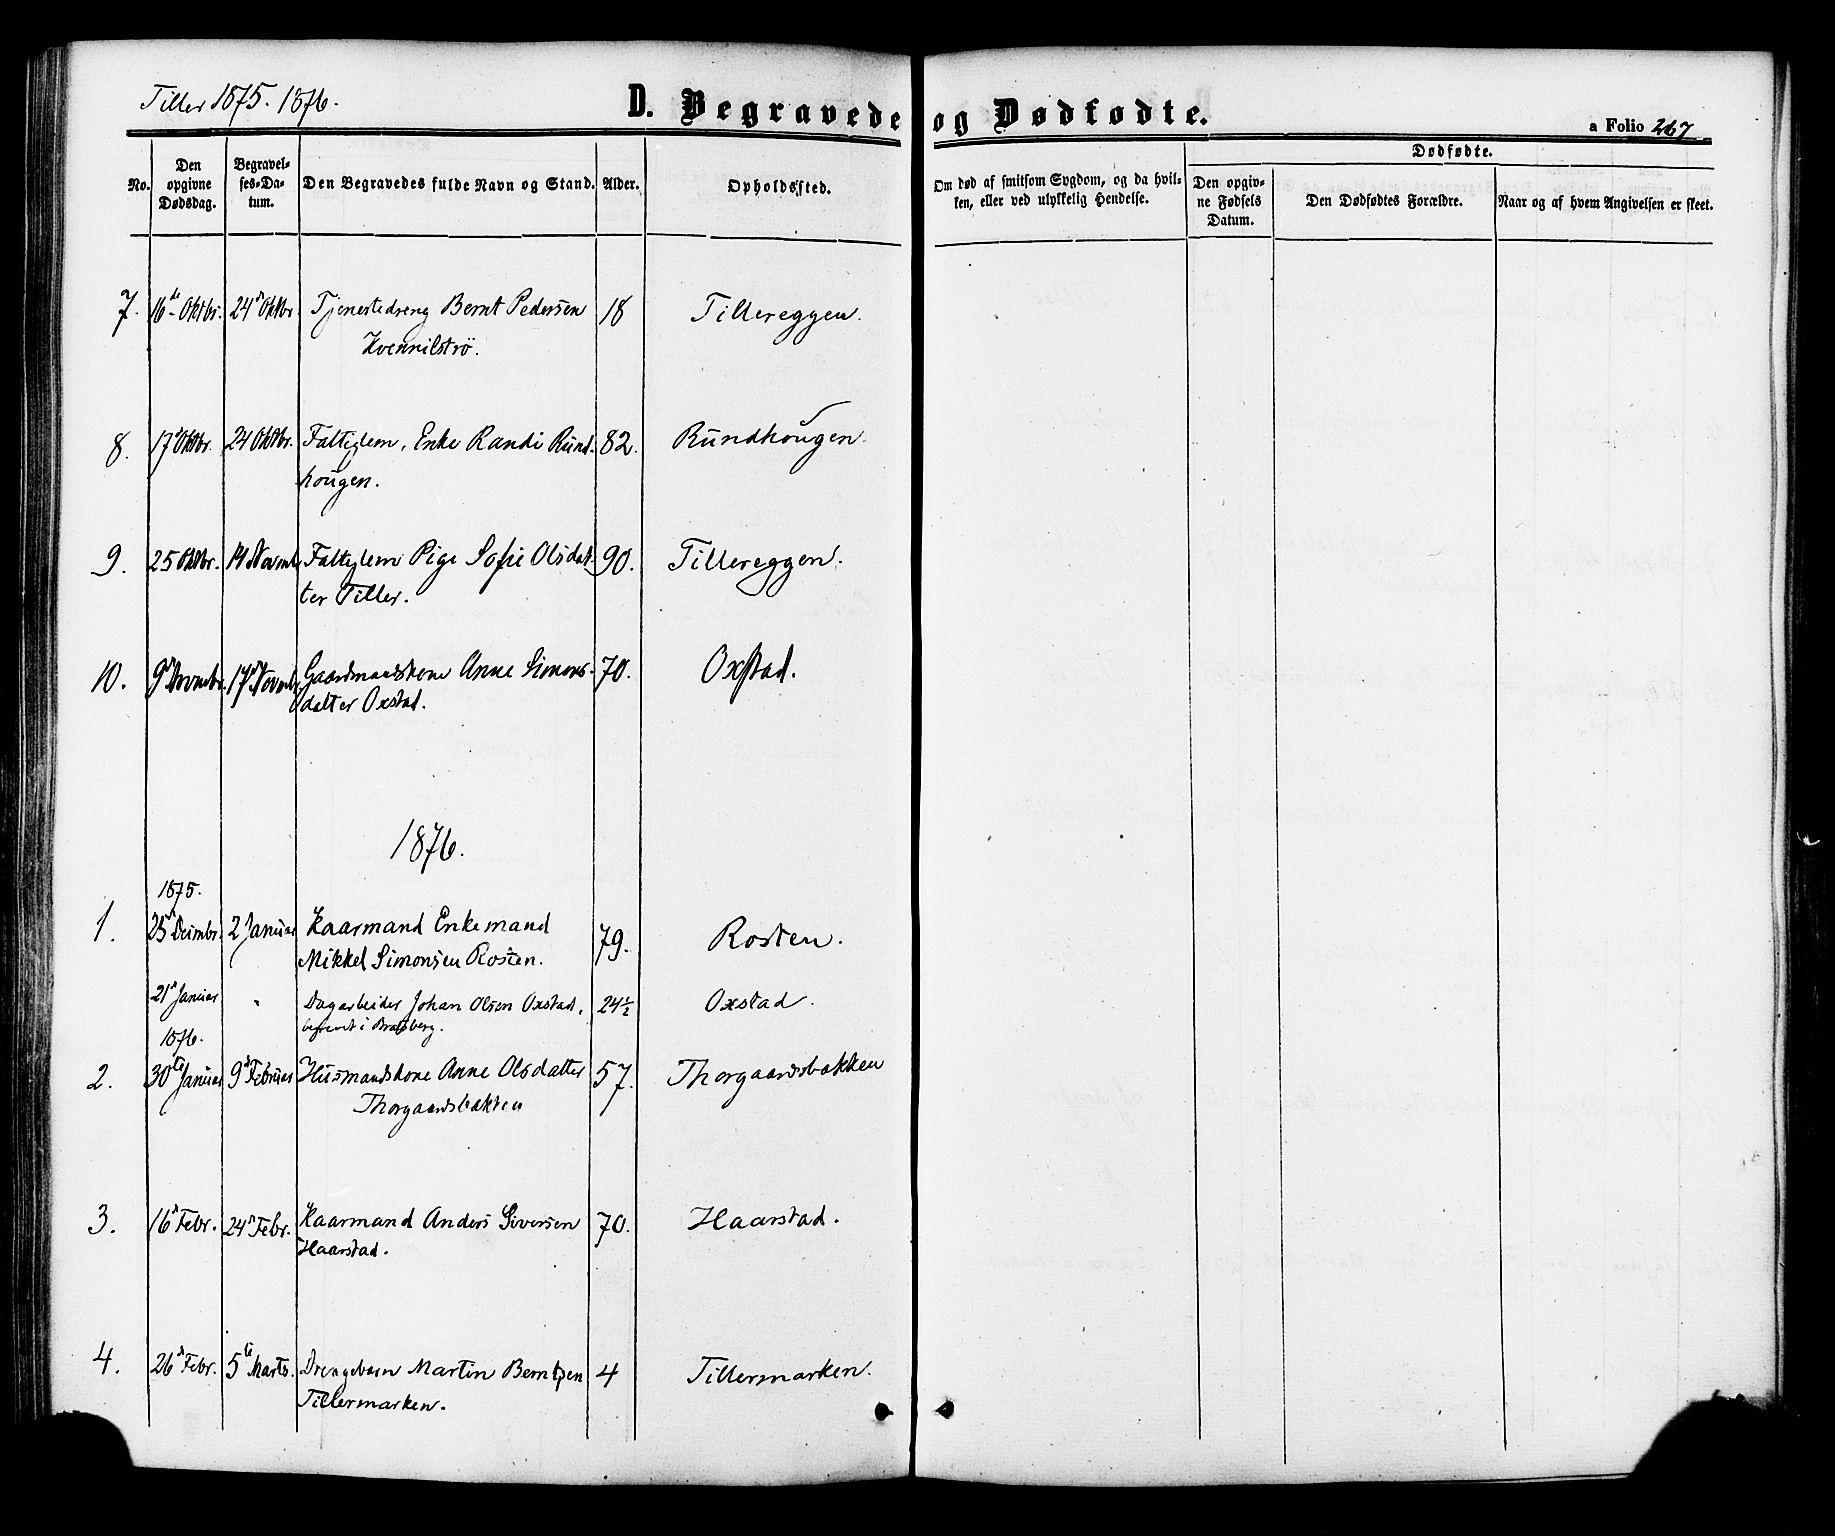 SAT, Ministerialprotokoller, klokkerbøker og fødselsregistre - Sør-Trøndelag, 618/L0443: Ministerialbok nr. 618A06 /2, 1863-1879, s. 267